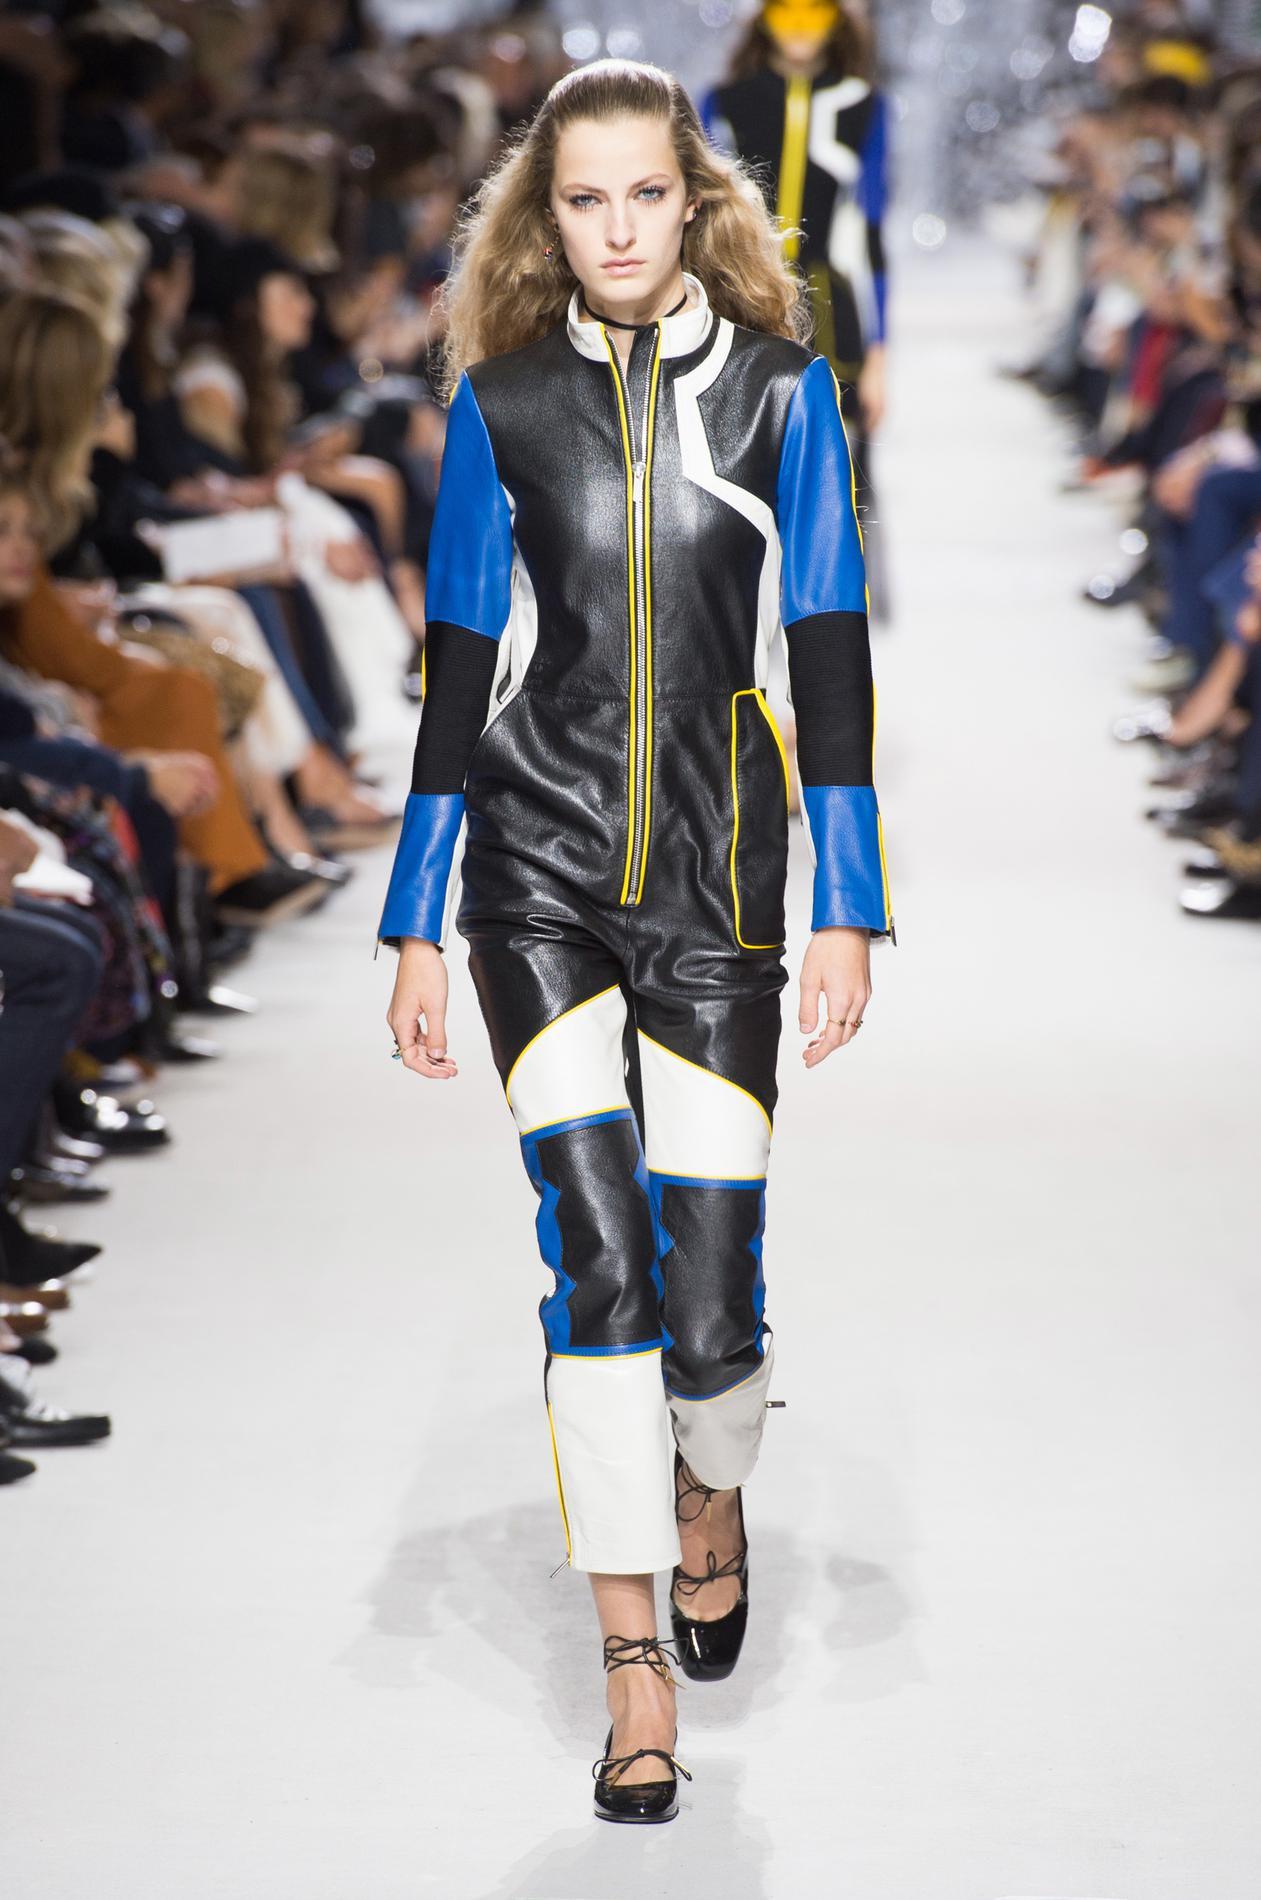 Christian Dior весна лето 2018 кожаный комбинезон